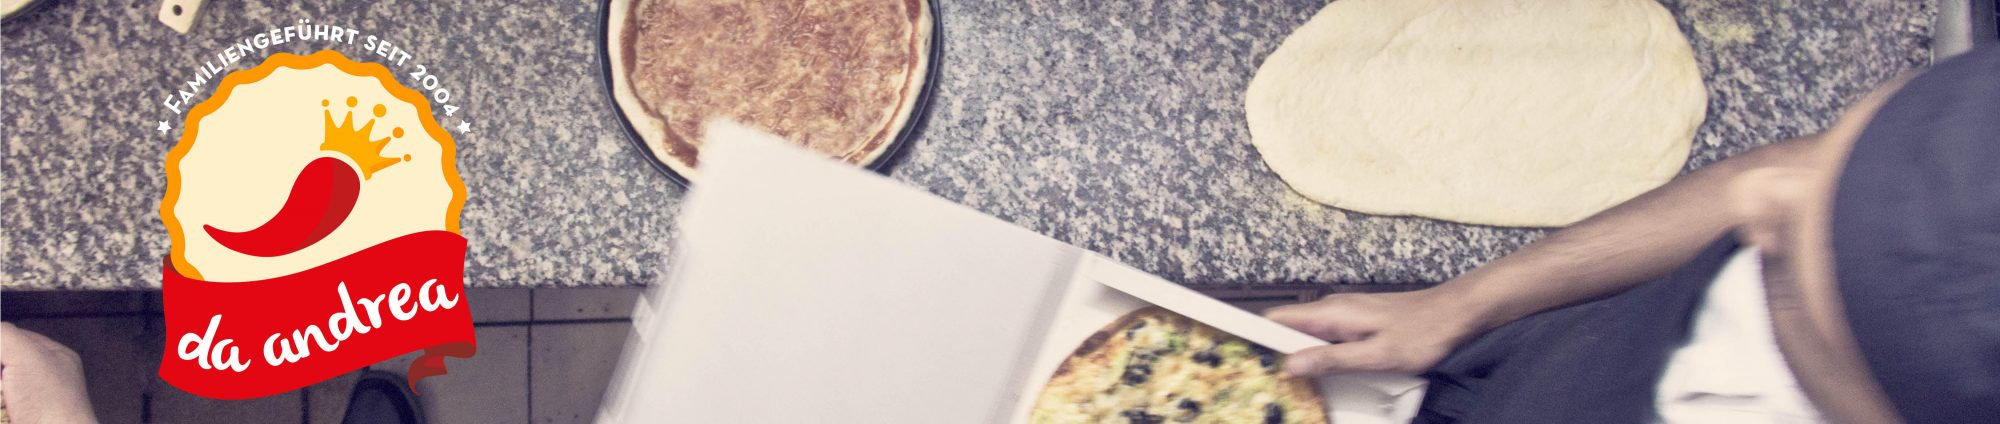 Pizzeria Da Andrea Essen